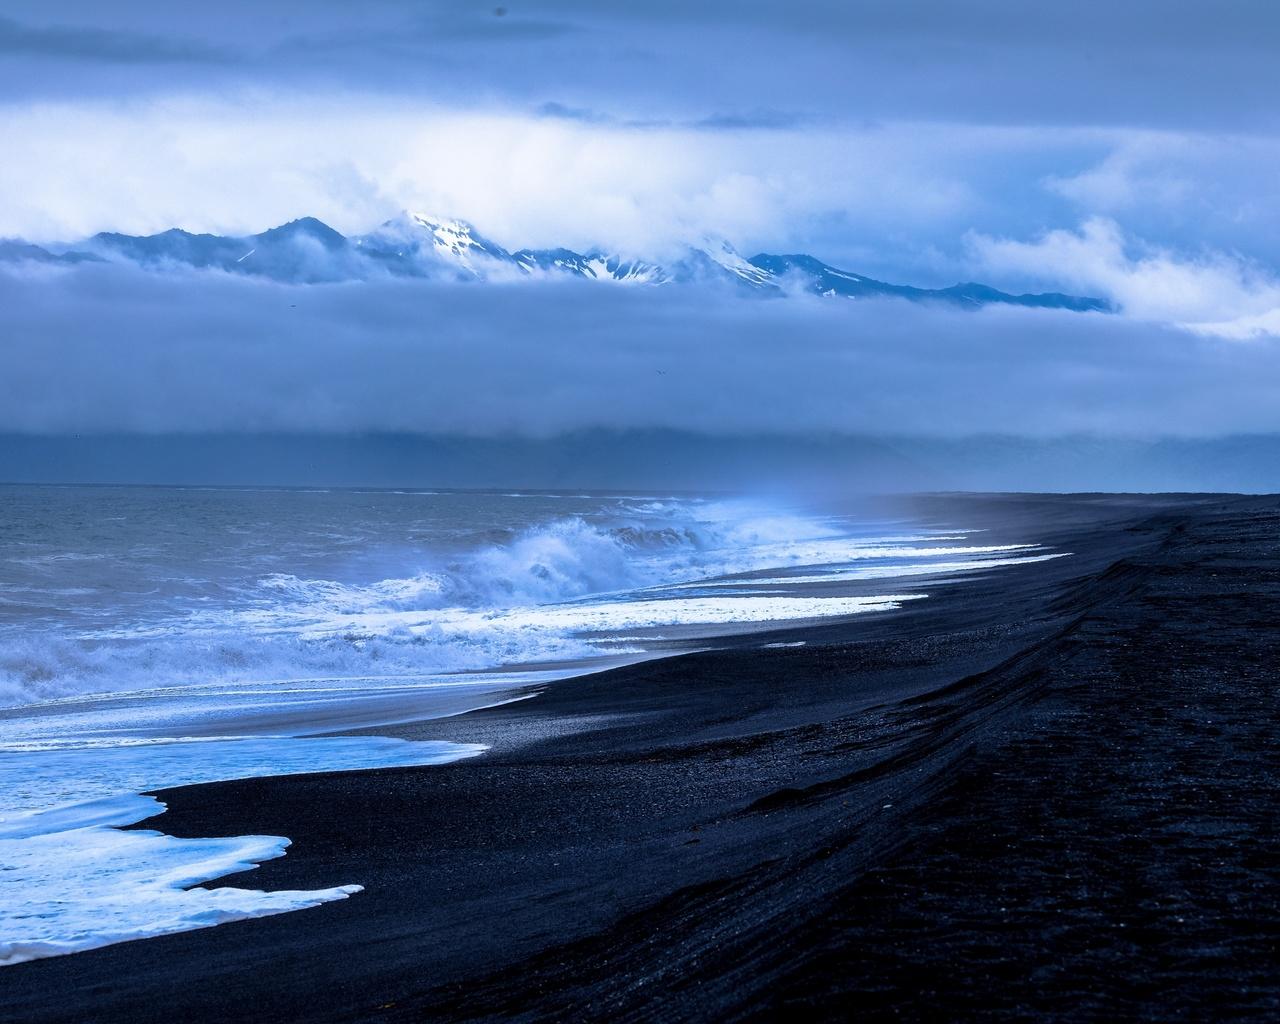 sea, ocean, waves, beach